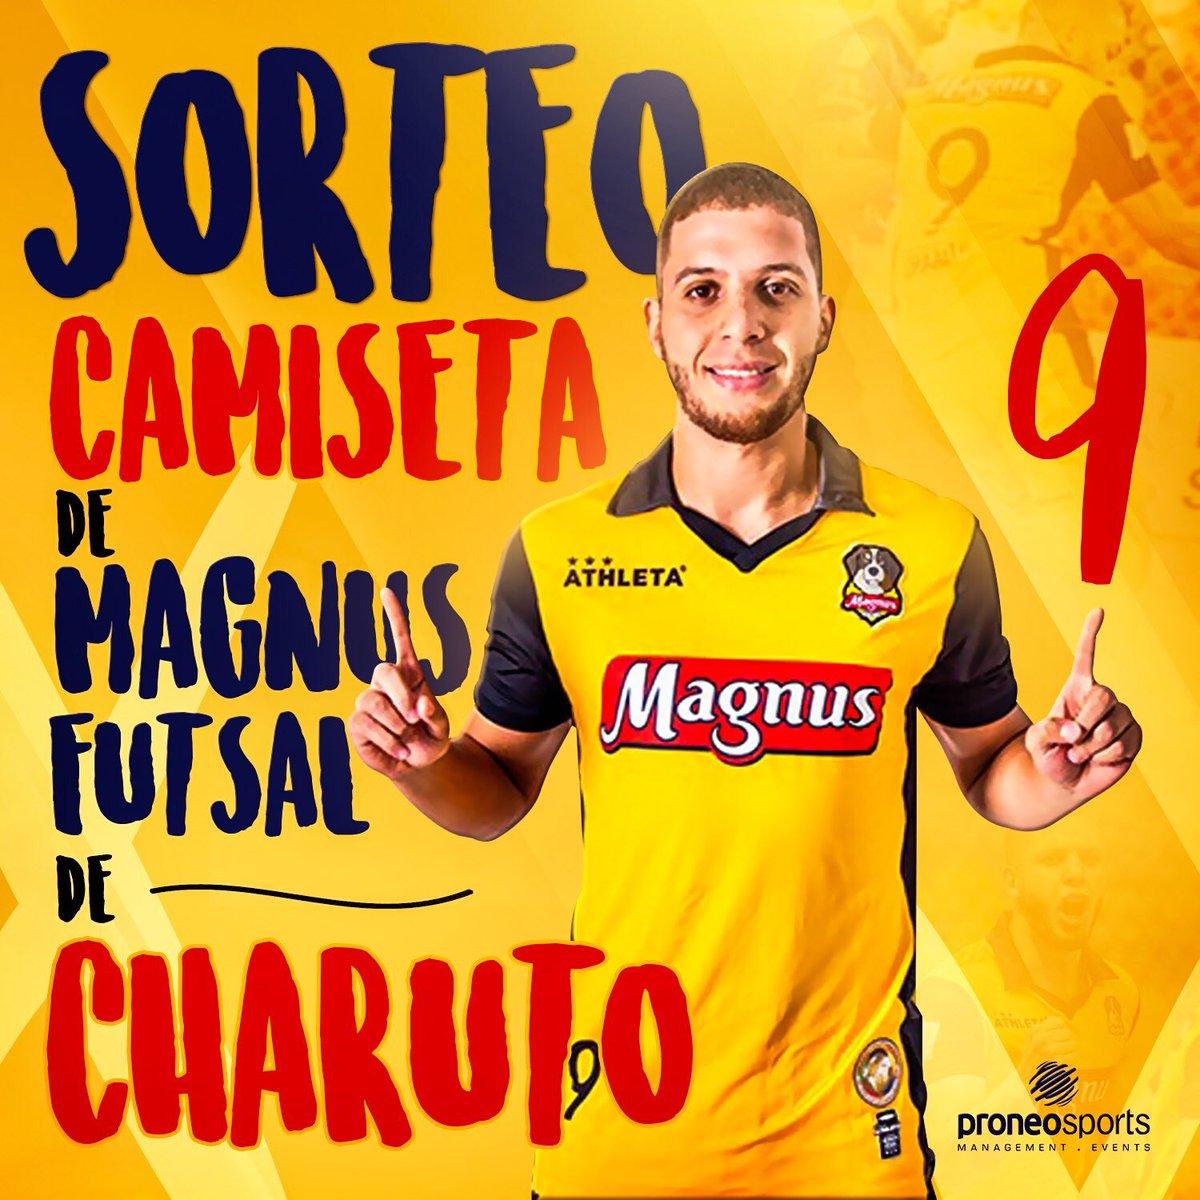 Sorteo Charuto - Proneo Sports